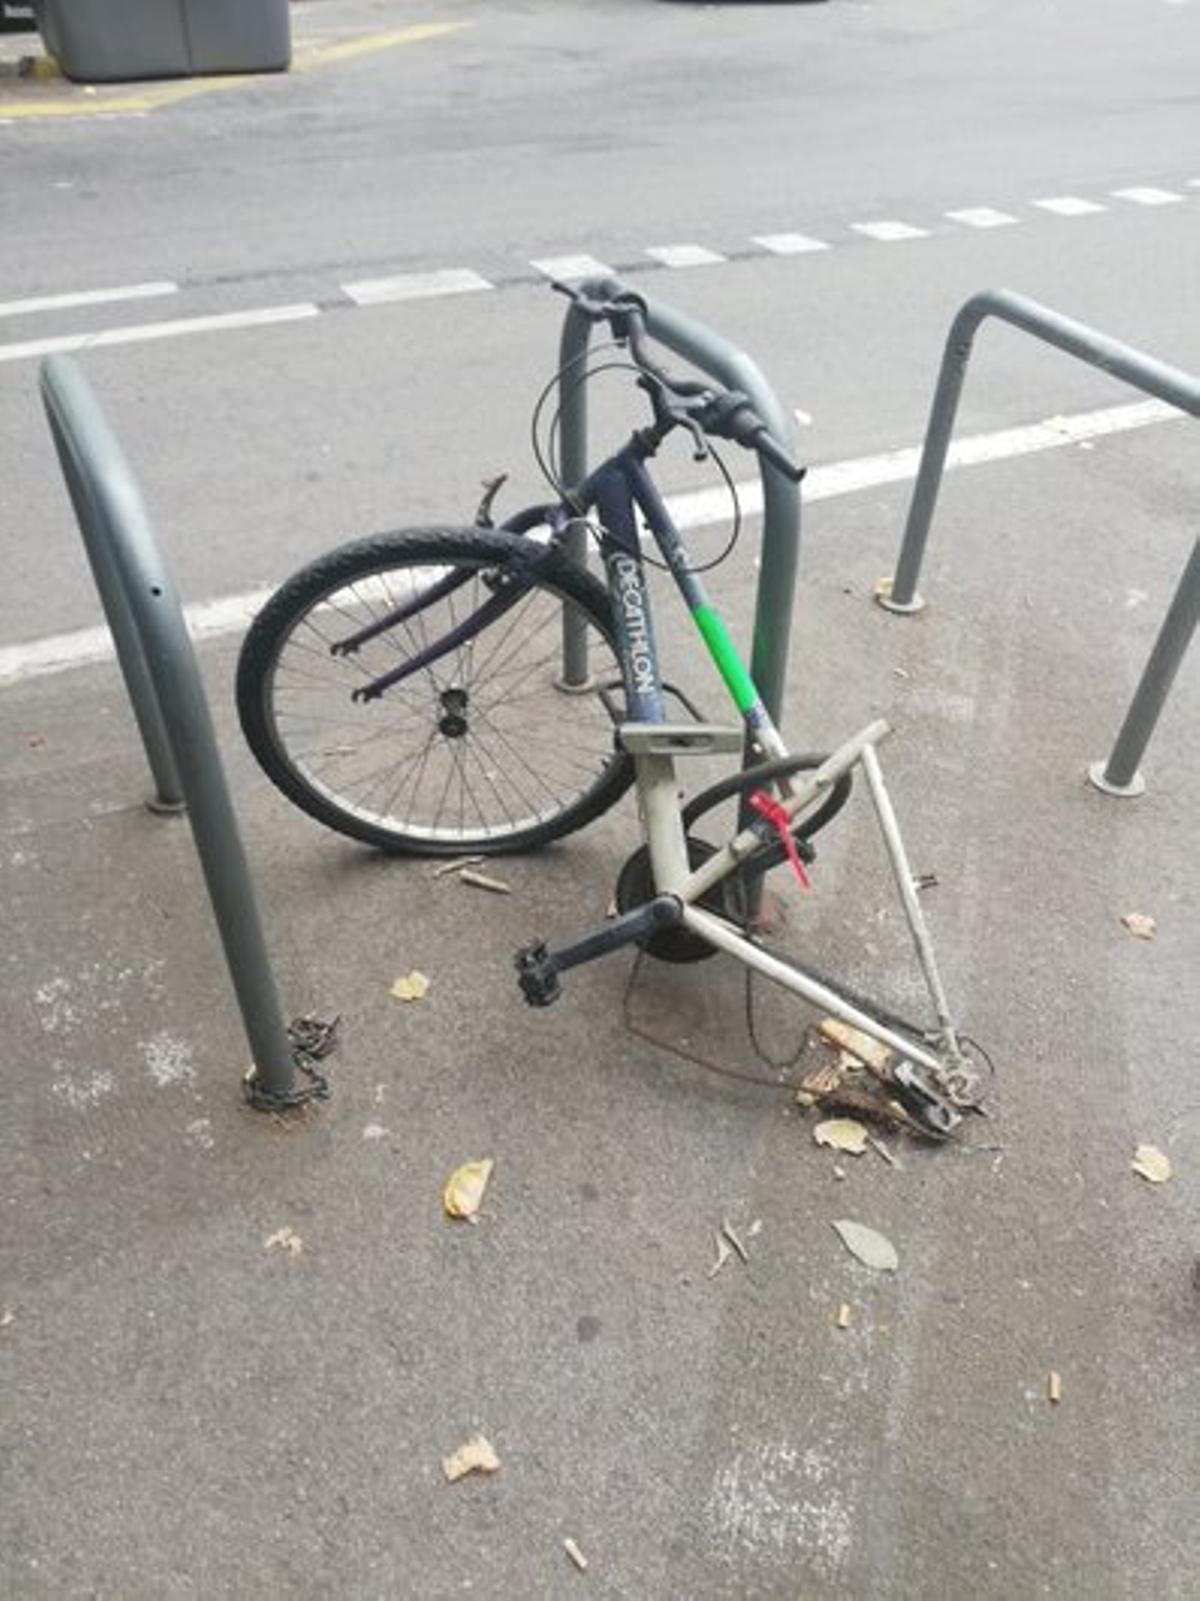 Bicicleta abandonada en el estacionamiento de bicis del chaflán (calle de Consell de Cent nº 122) con los adhesivos puestos y el precinto nº BT0015804.